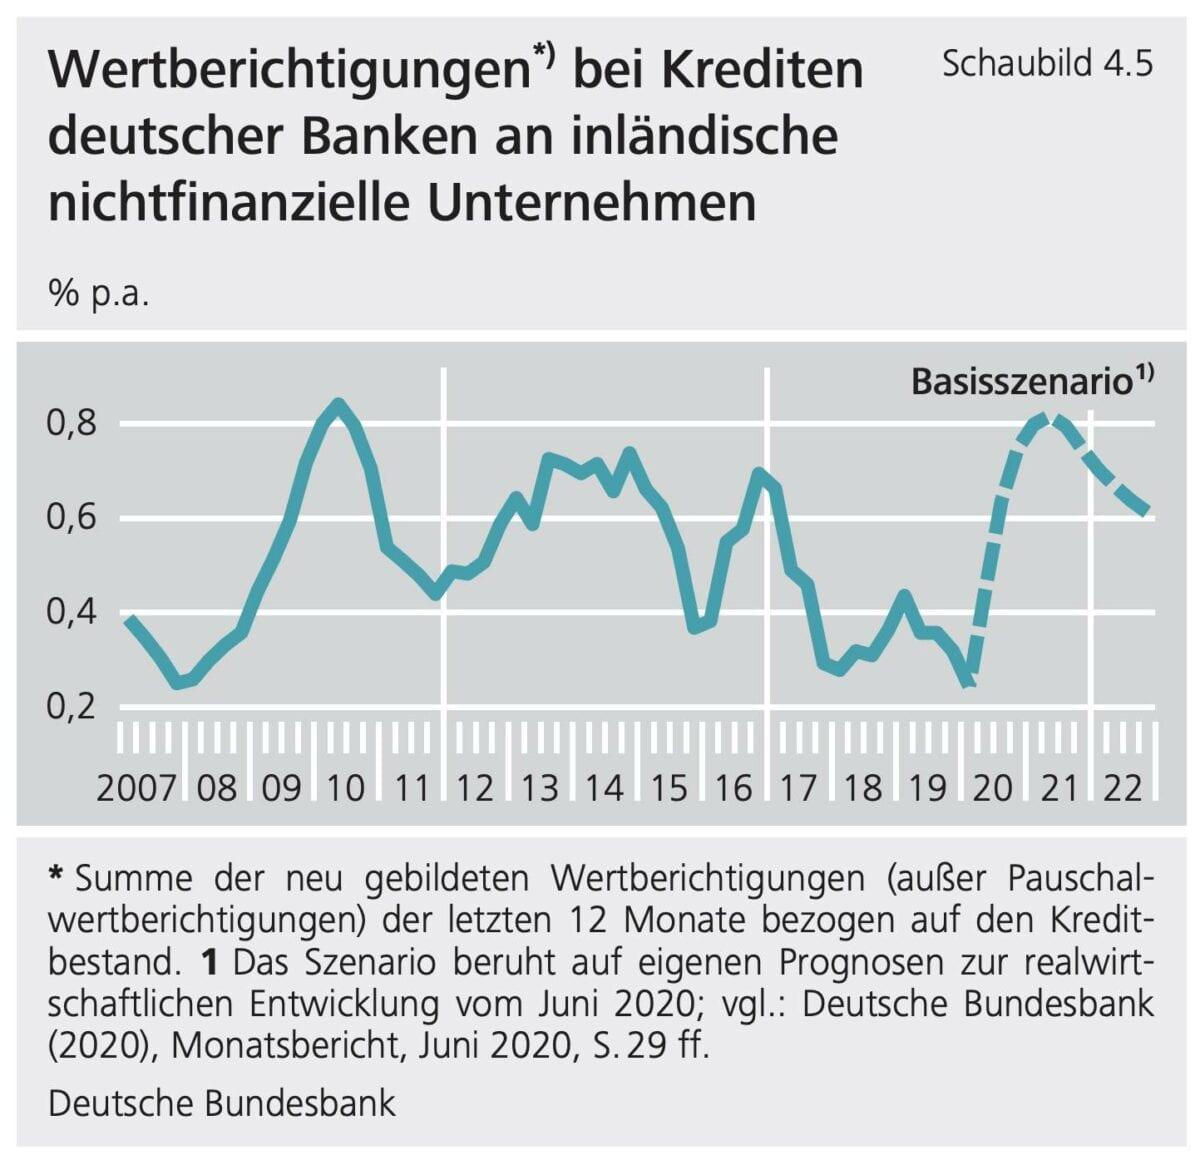 Finanzstabilitätsbericht zeigt Grafik erwarteter Kreditausfälle